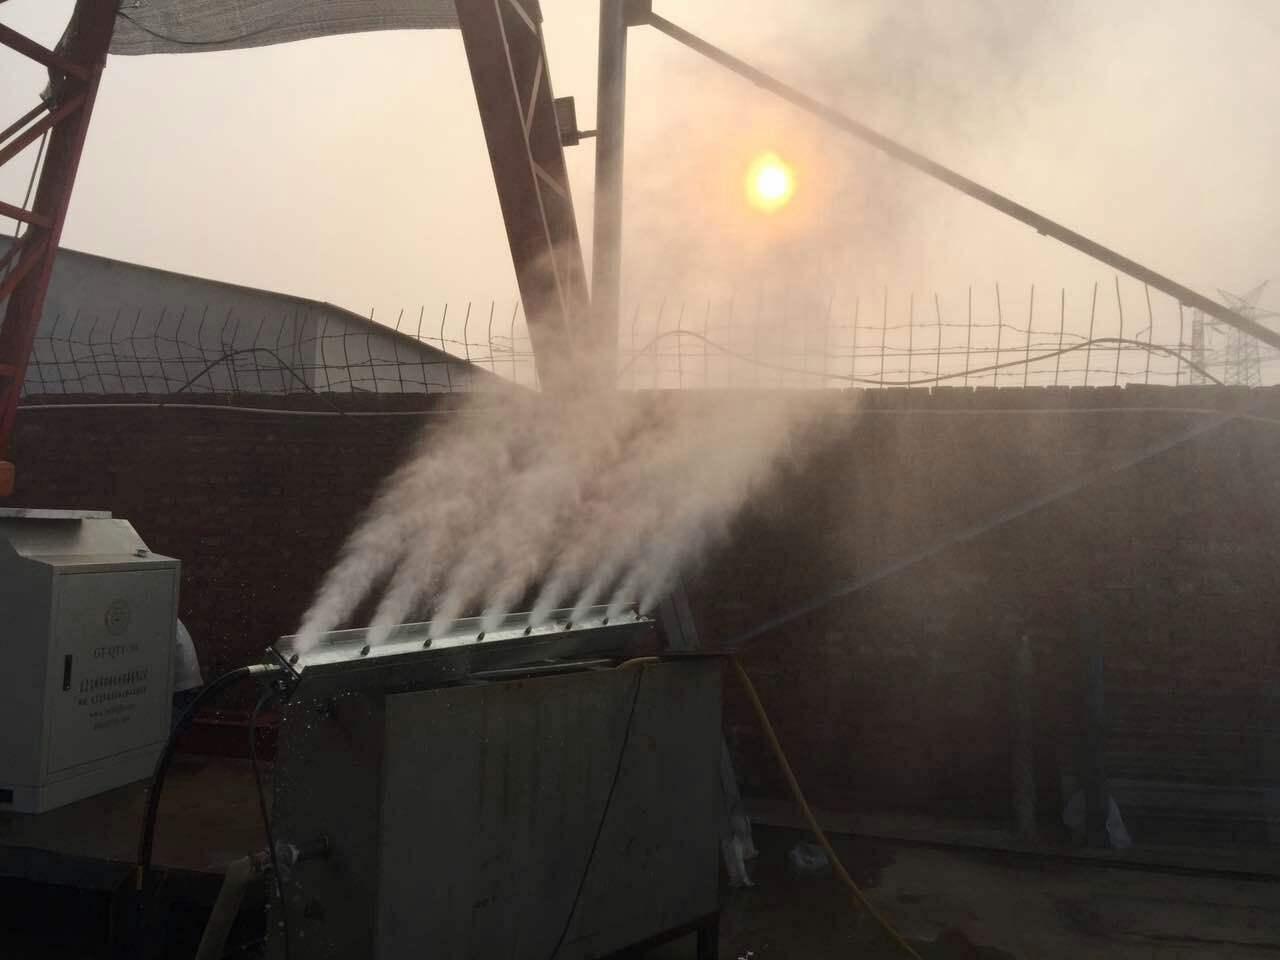 介绍干雾仰尘的装置